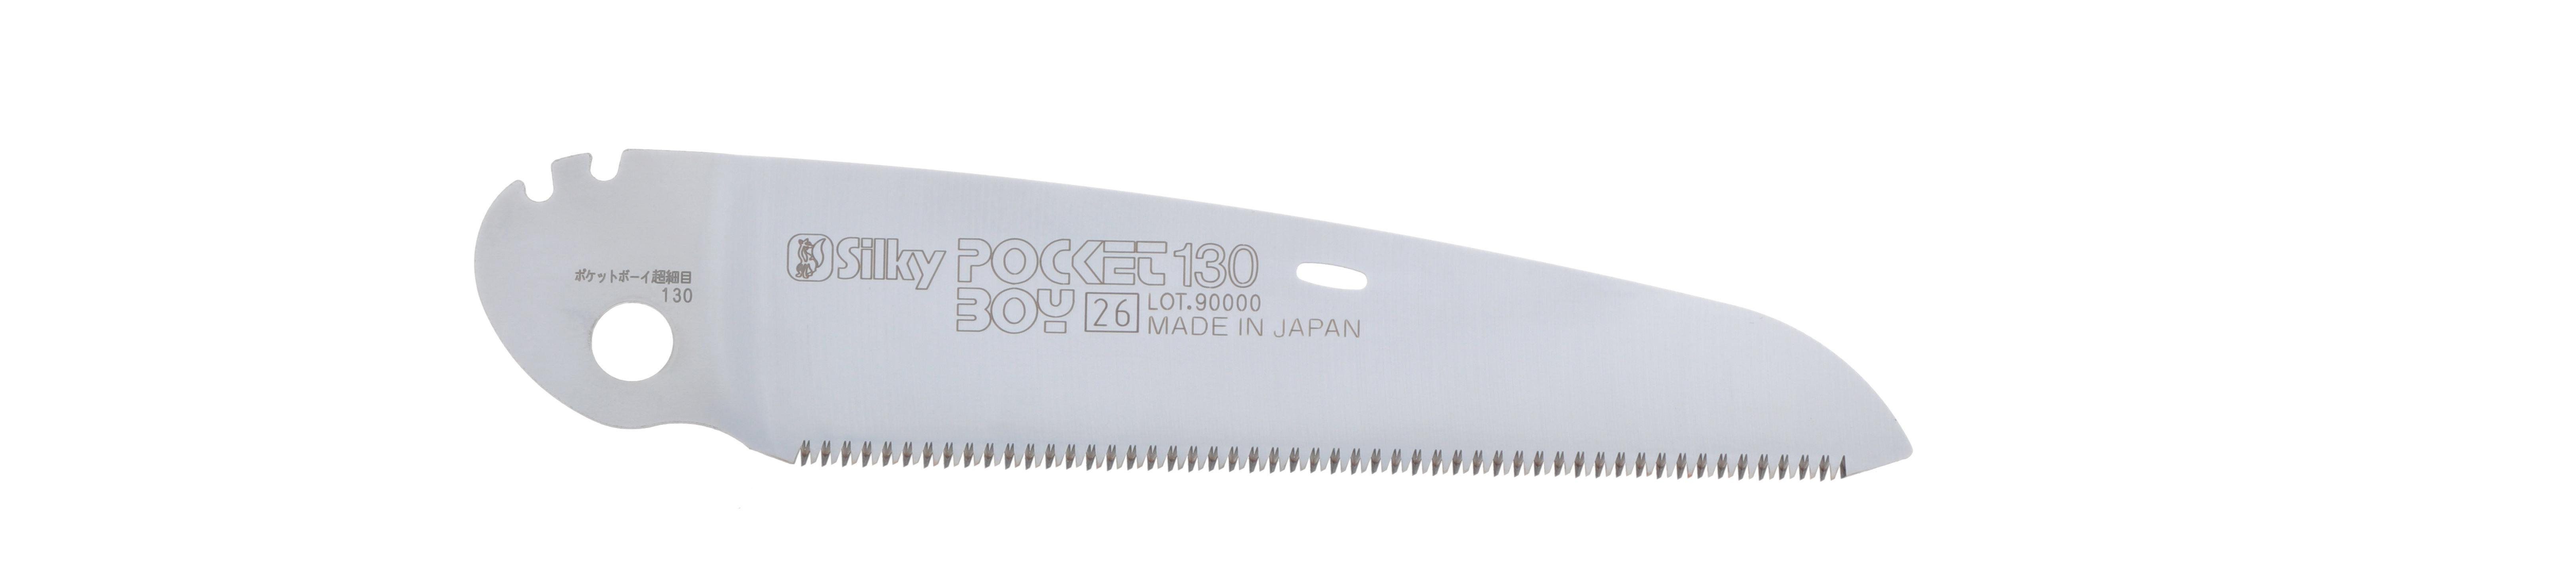 POCKETBOY 130 (X-Fine Teeth) Extra blade SI-345-13